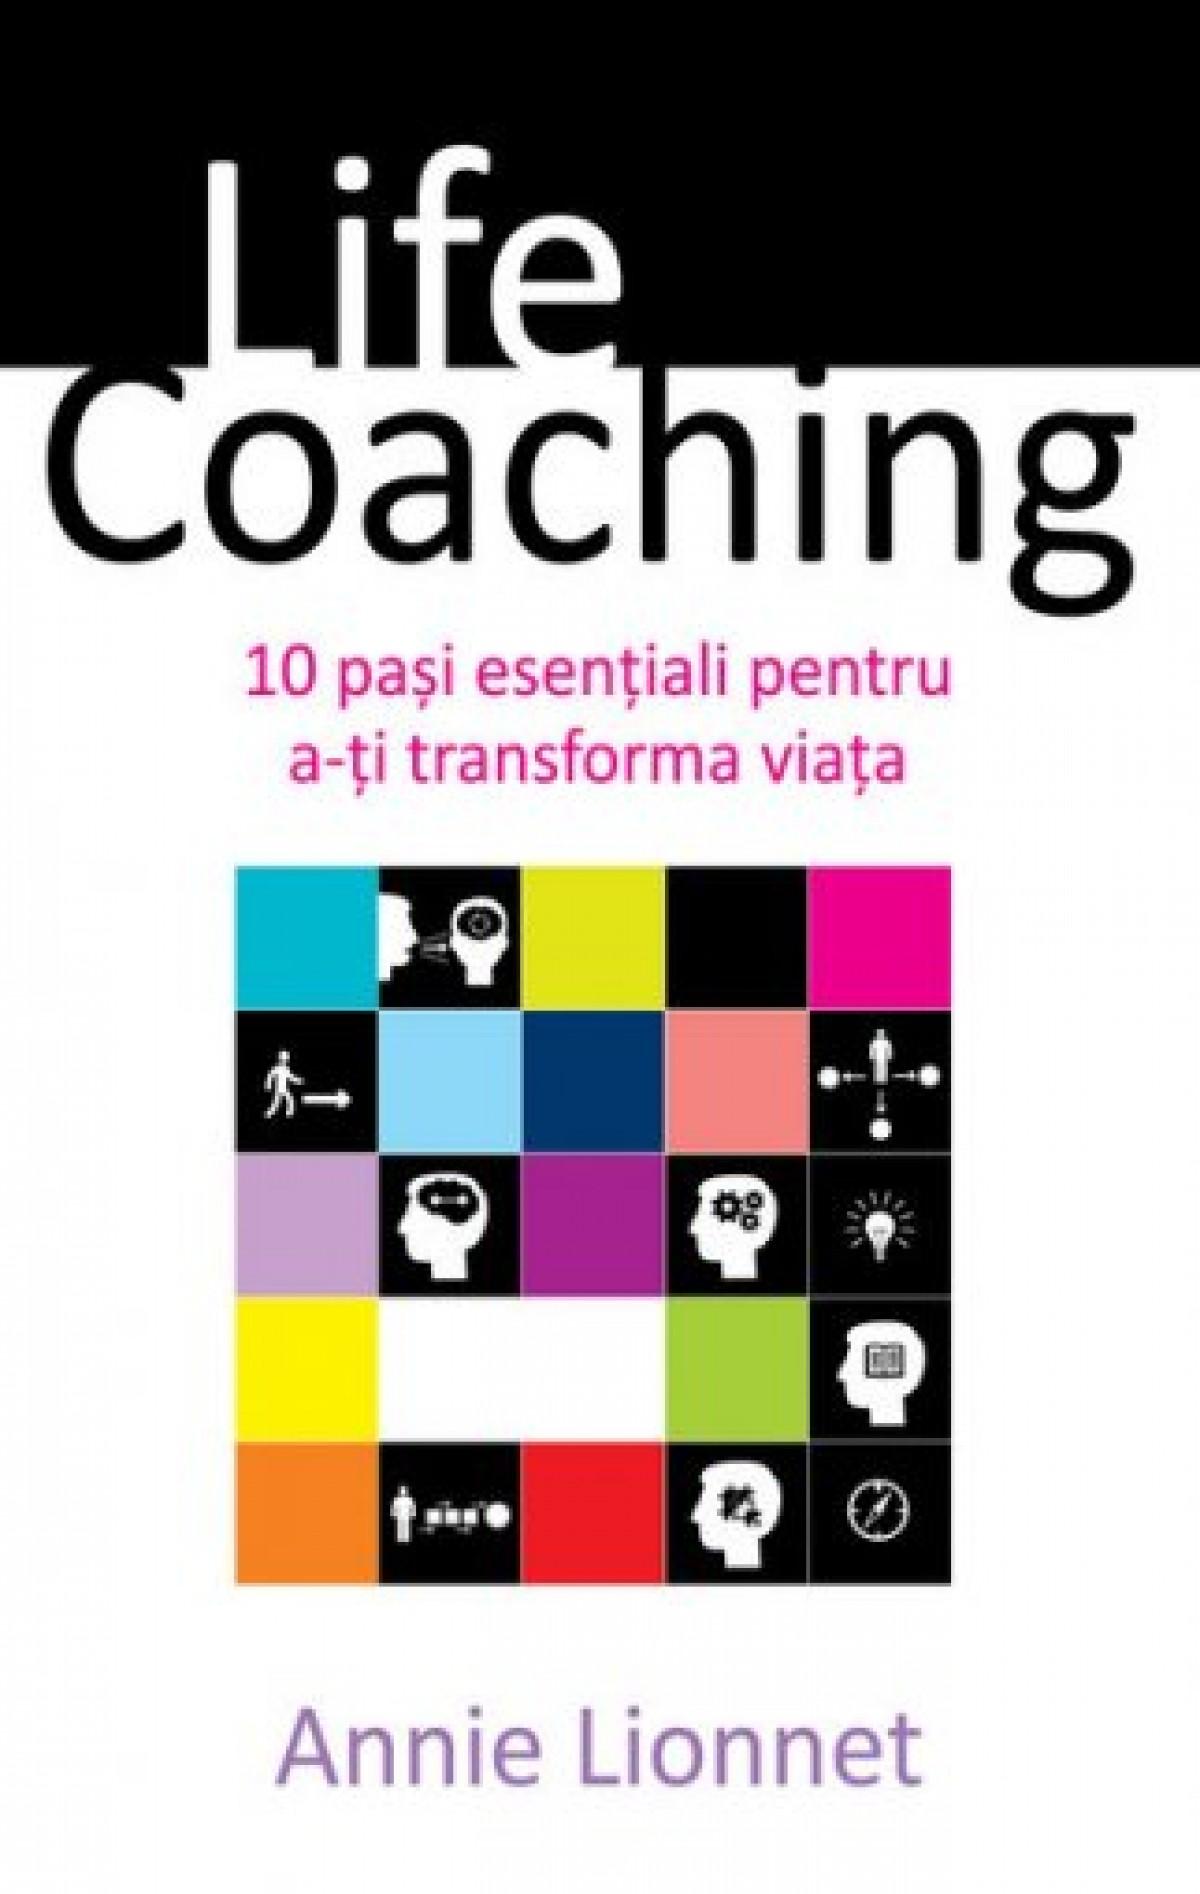 Life Coaching. 10 pași esențiali pentru a-ți transforma viața